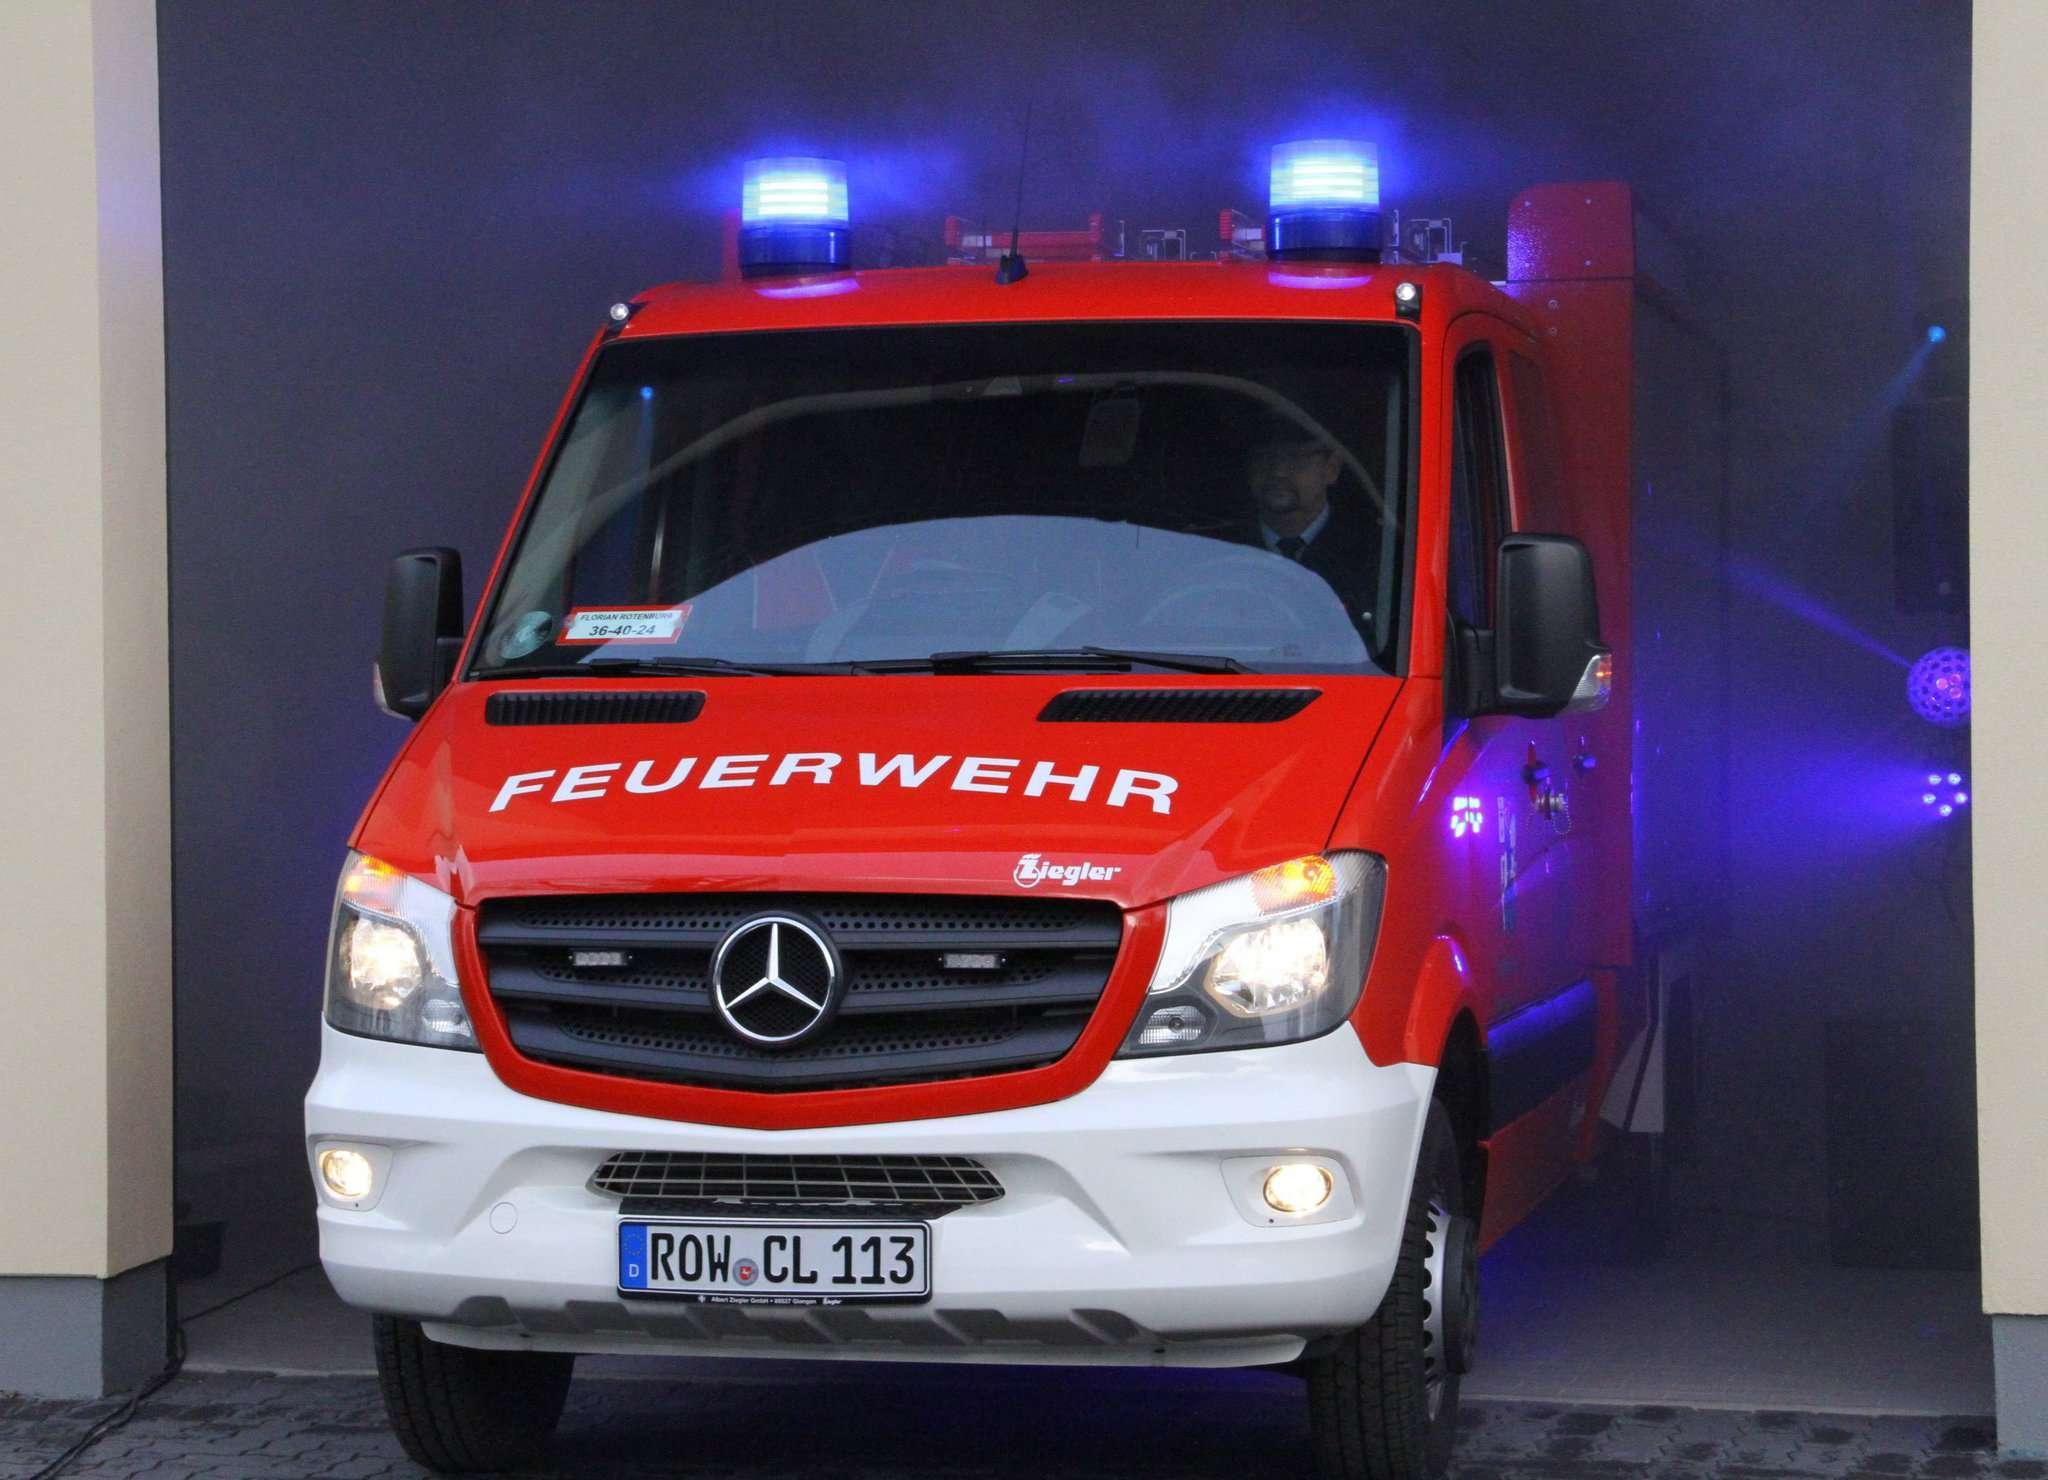 Tragkraftspritzenfahrzeug und neue Halle: Investitionen wie die bei den Clüversborsteler Brandschützern regelt künftig die Feuerwehrplanung.